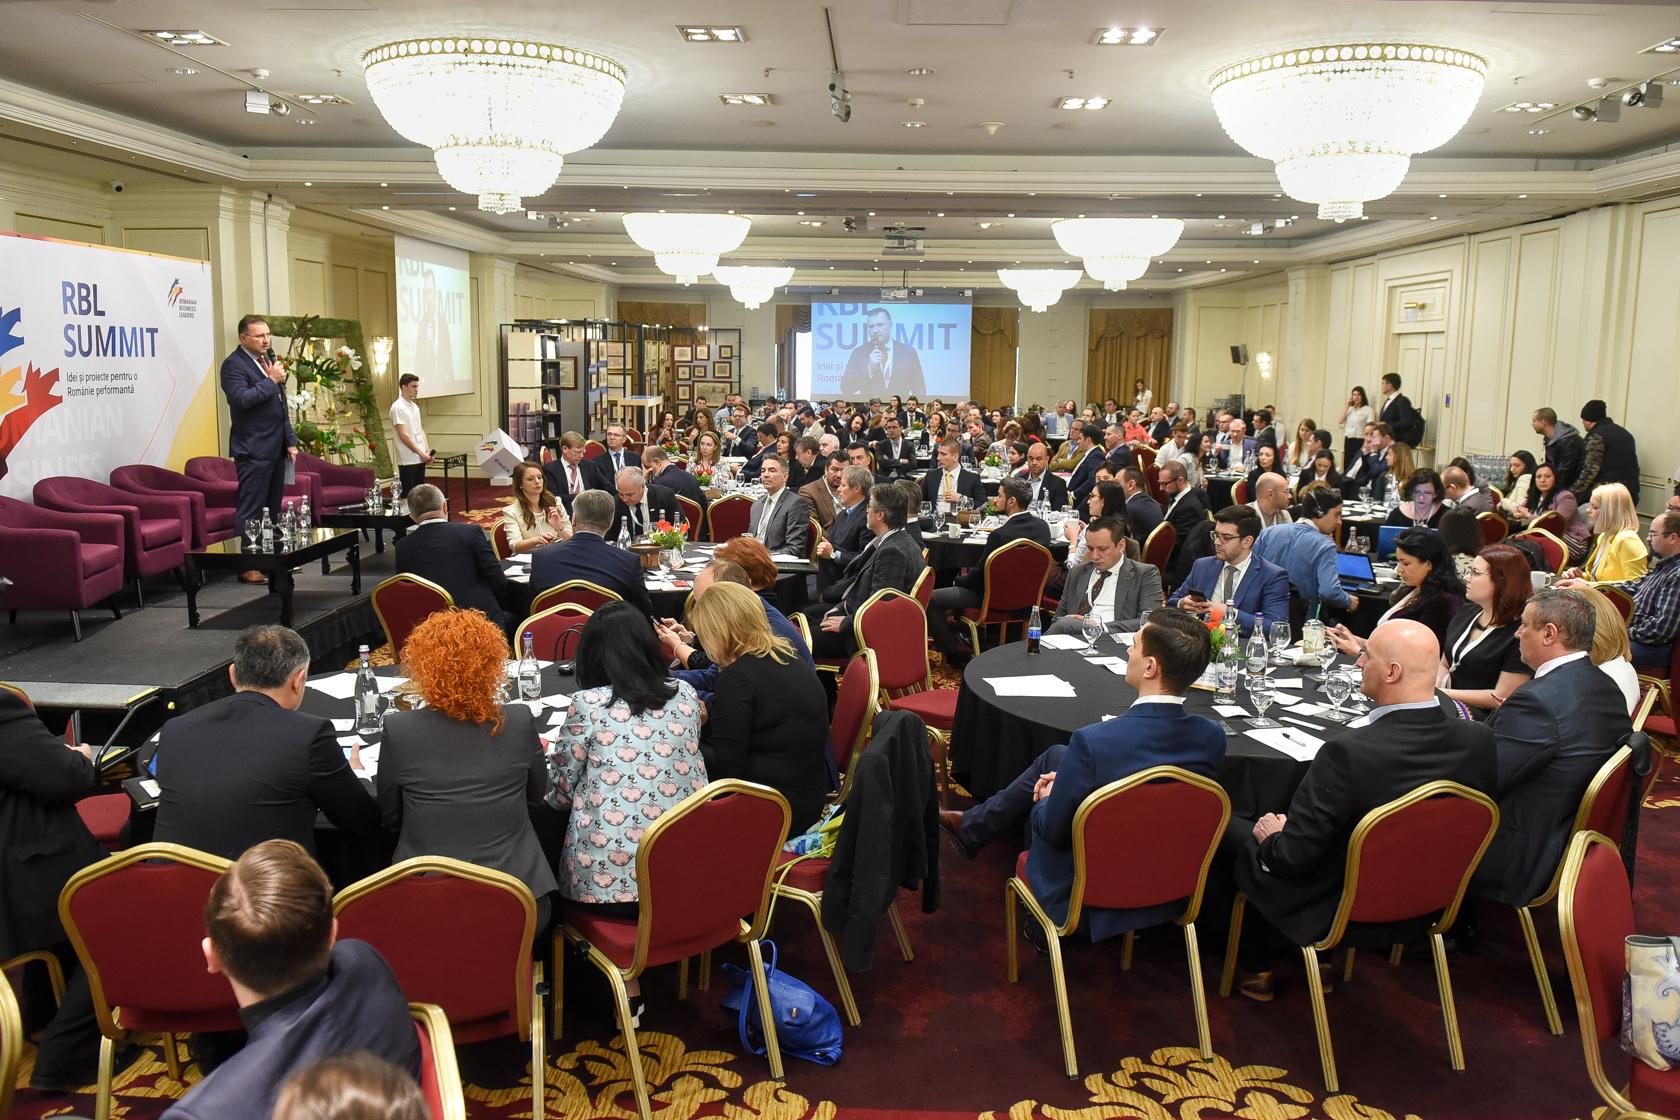 Antreprenorii români cer stabilitate fiscală și să fie lăsați să facă business